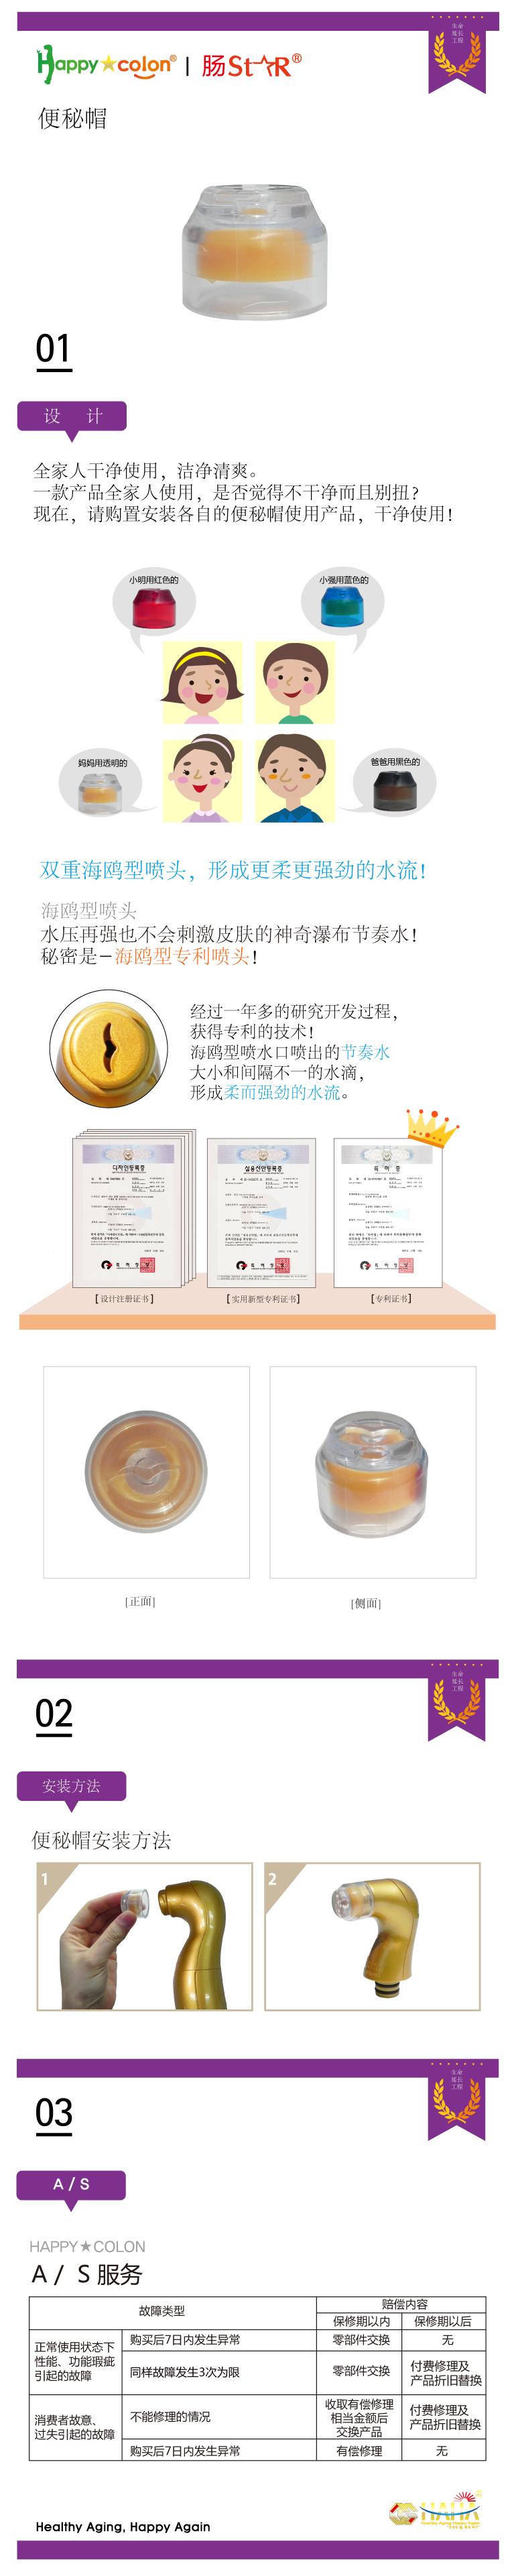 해피콜론--노즐캡-투명-중국어.png